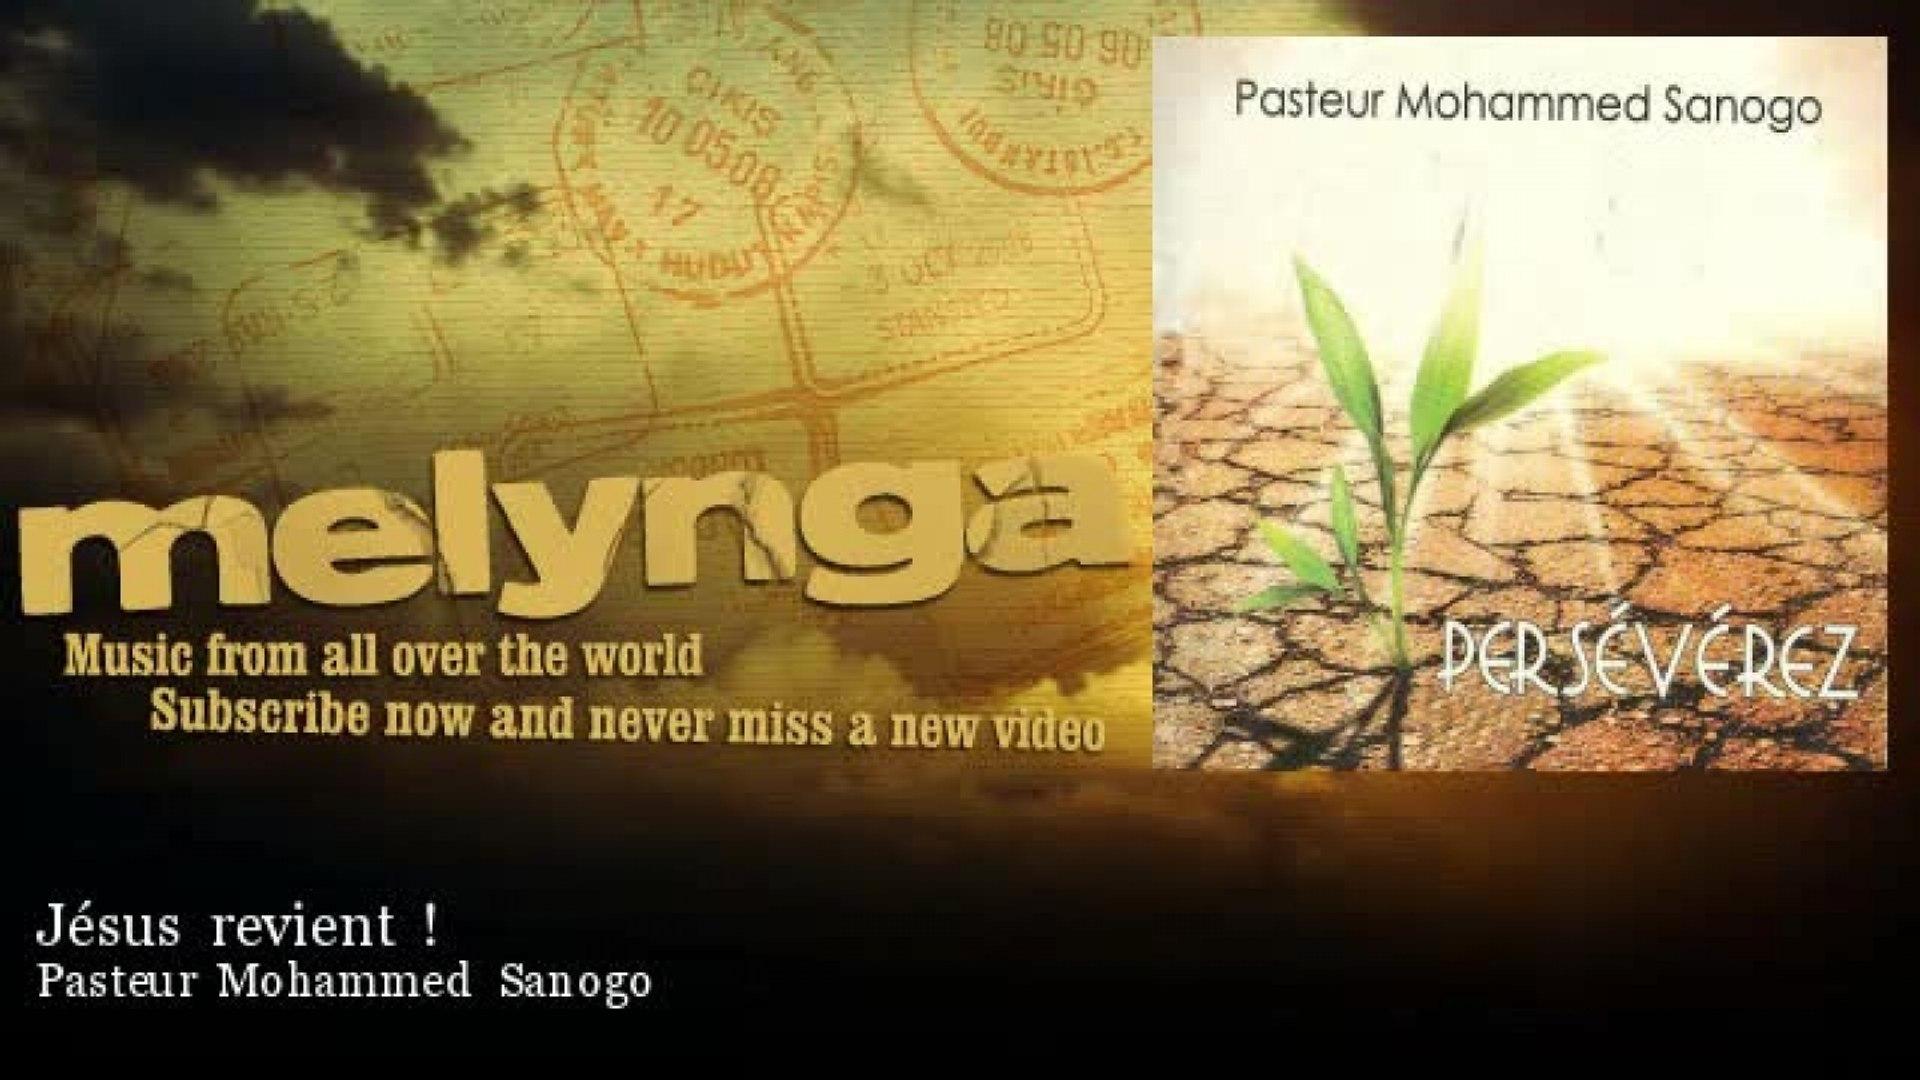 Pasteur Mohammed Sanogo - Jésus revient !